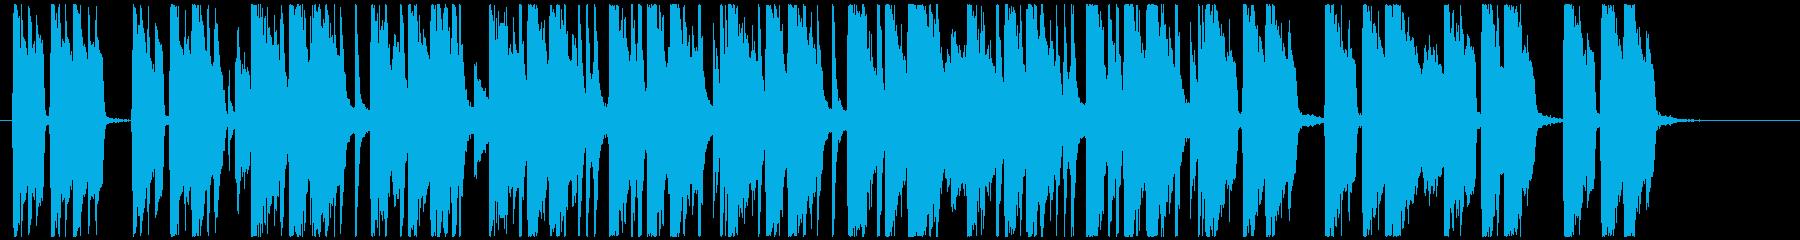 汎用性の高い短いオシャレポップの再生済みの波形